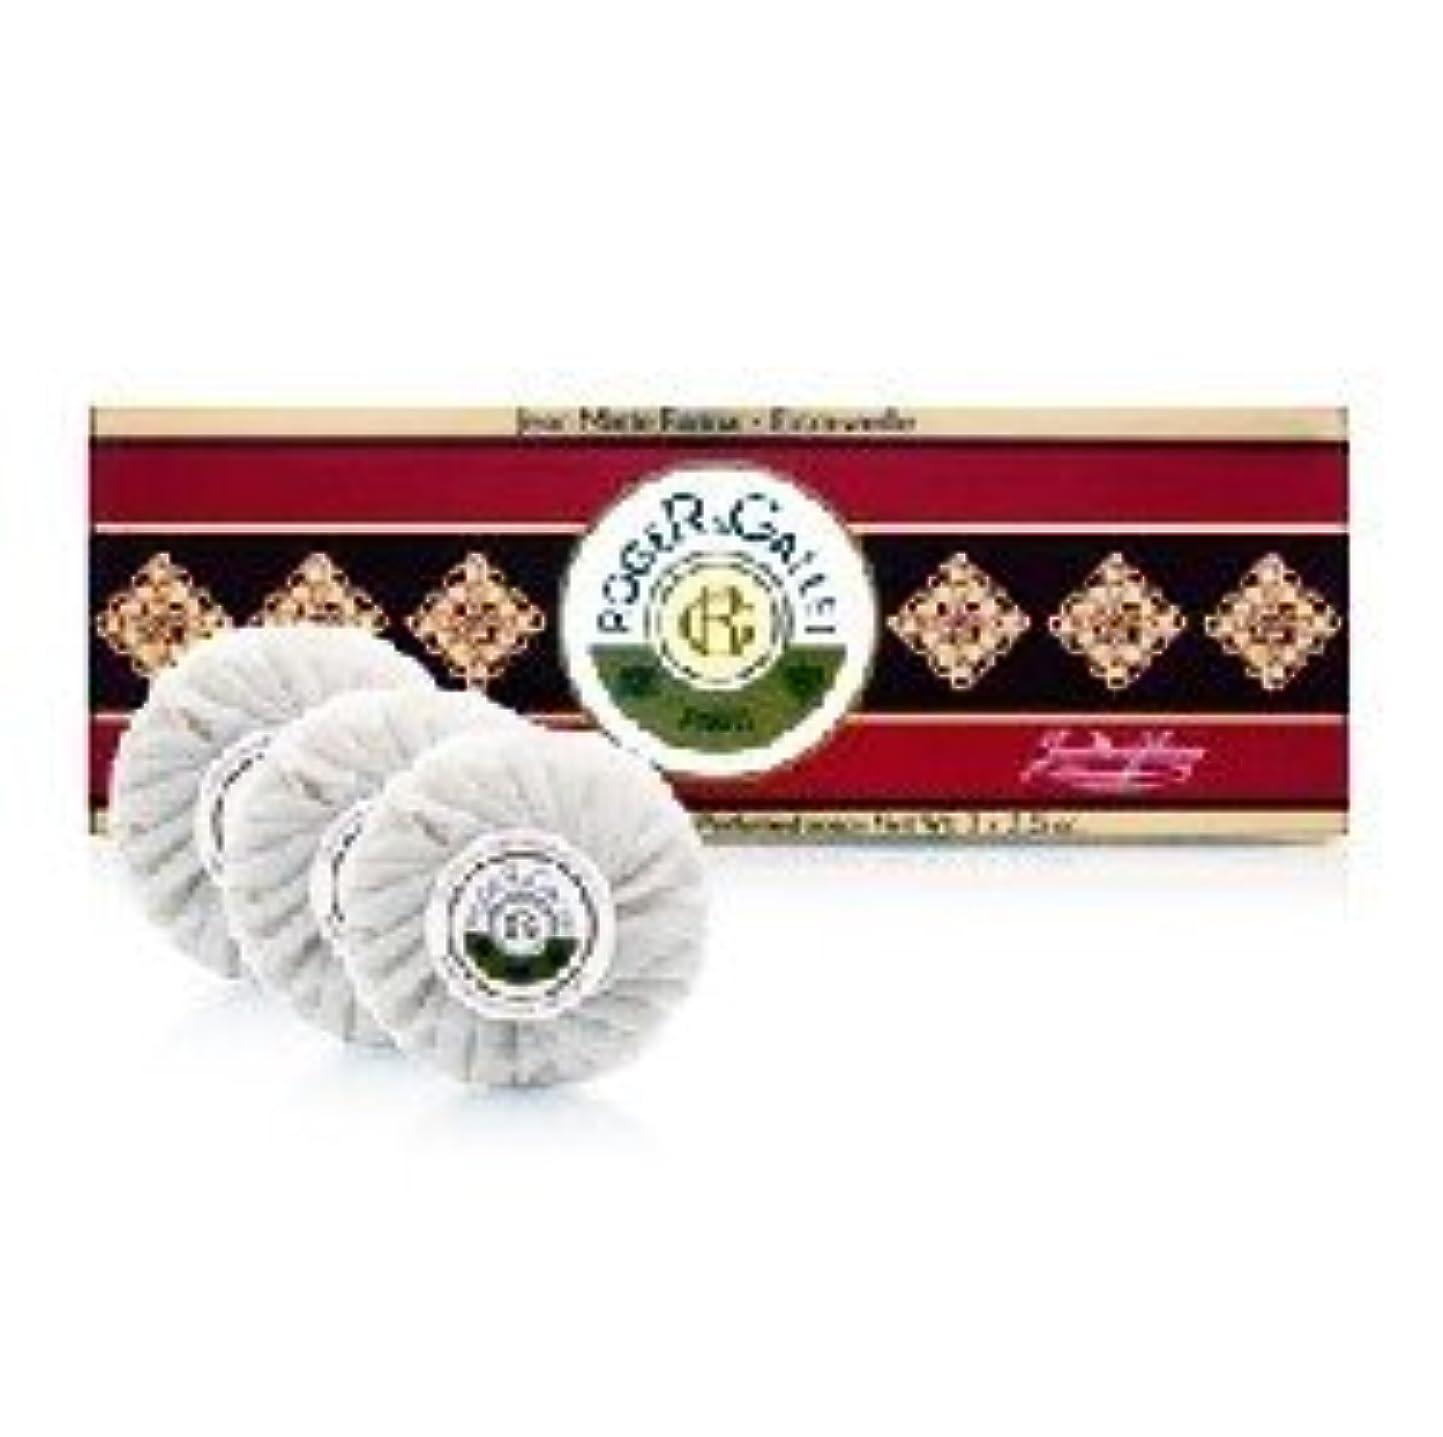 コットン心理的に磁気ロジェガレ ジャンマリーファリナ 香水石鹸3個セット ROGER&GALLET JEAN MARIE FARINA SOAP